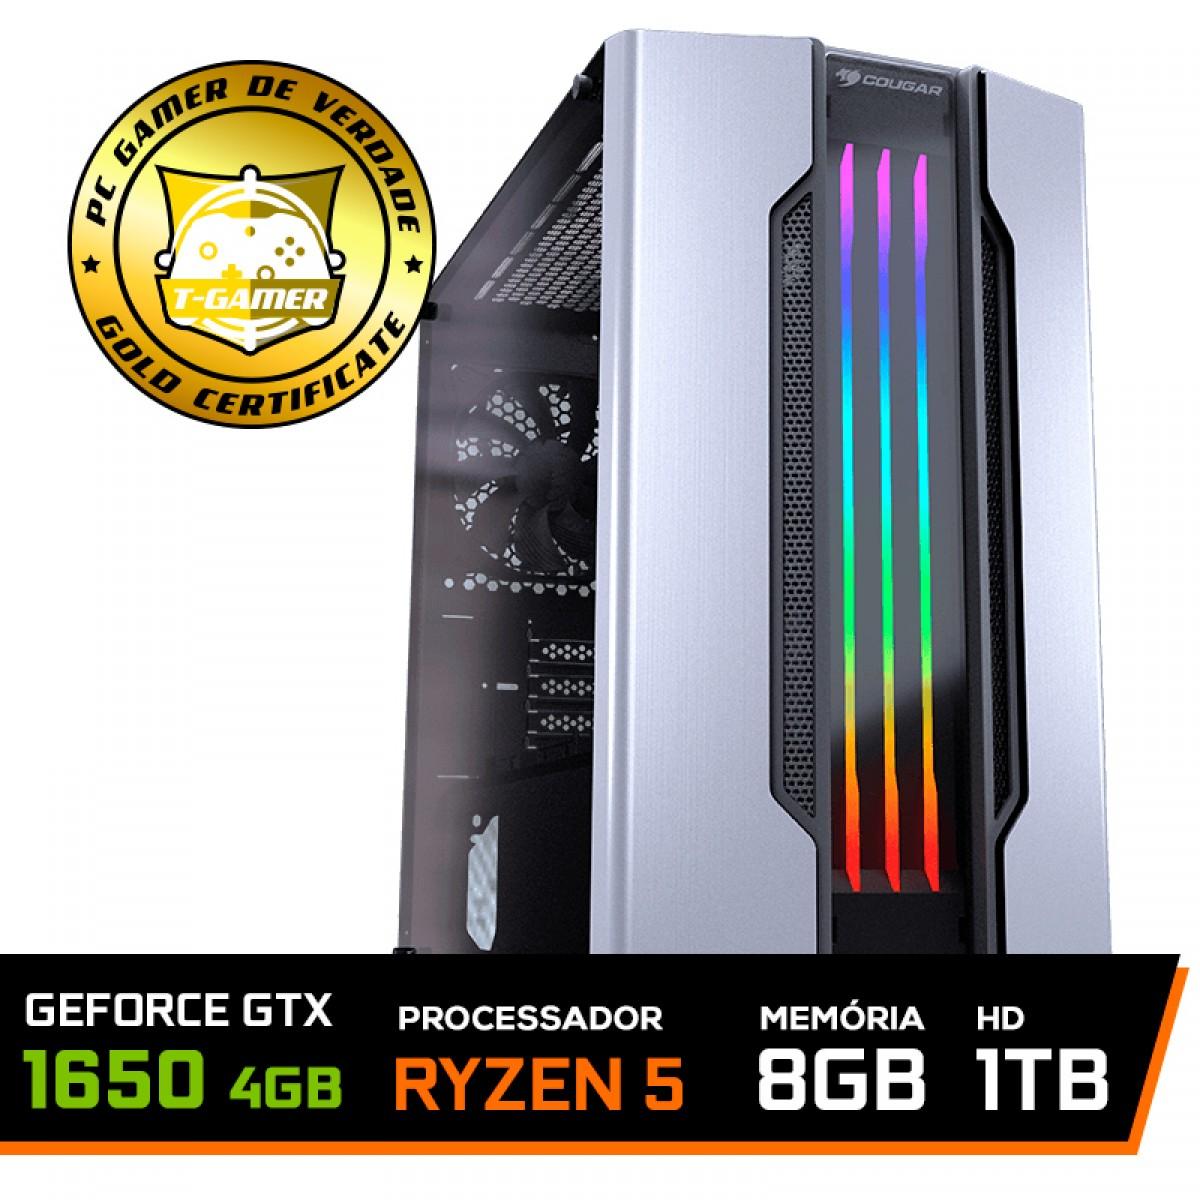 Pc Gamer Super Streamer Lvl-2 Amd Ryzen 5 2600X 3.6GHZ / Geforce Gtx 1650 4Gb / 8Gb Ddr4 / Hd 1Tb / 500W